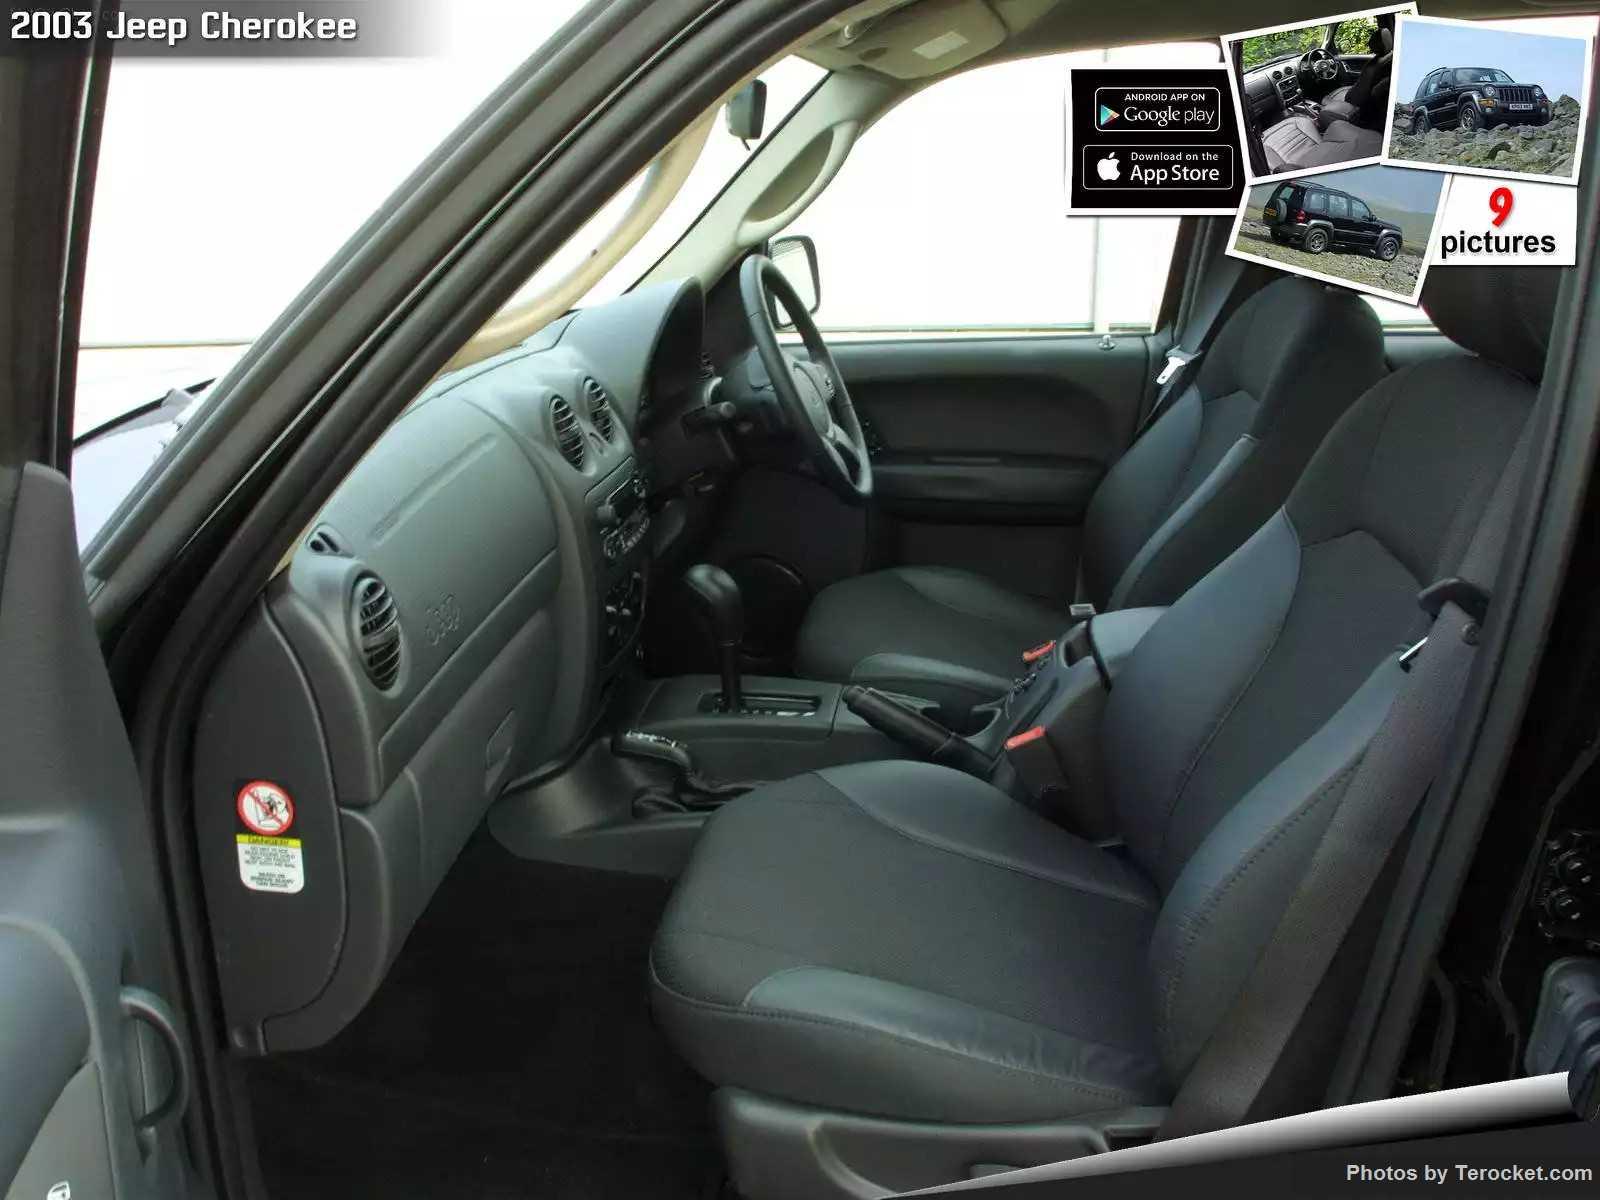 Hình ảnh xe ô tô Jeep Cherokee UK Version 2003 & nội ngoại thất